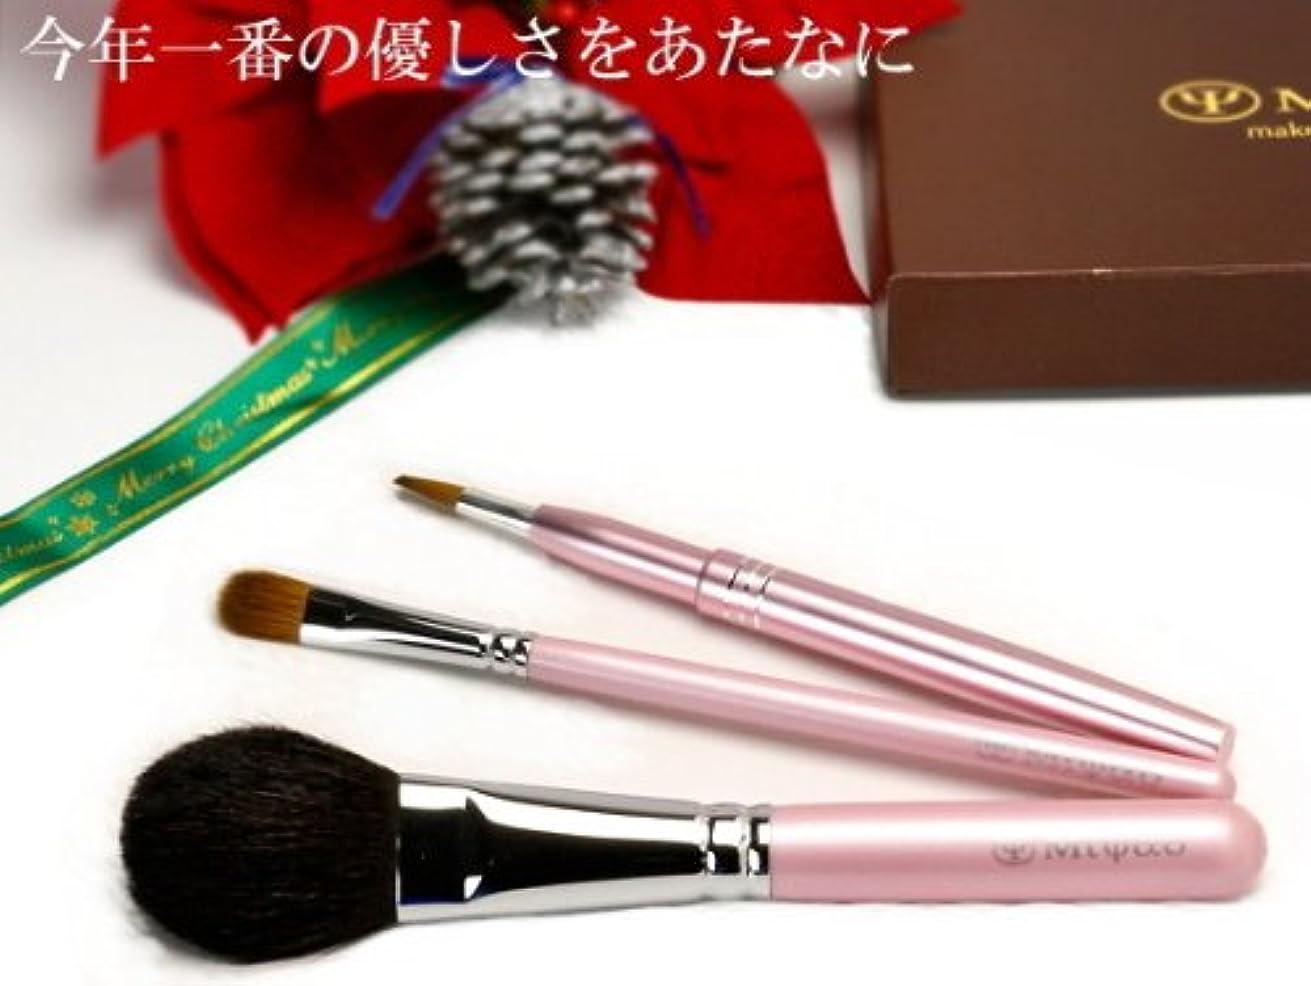 保存するテクトニック信条熊野化粧筆 ピンクパール3本セット[ミドル軸タイプ]プレゼント包装